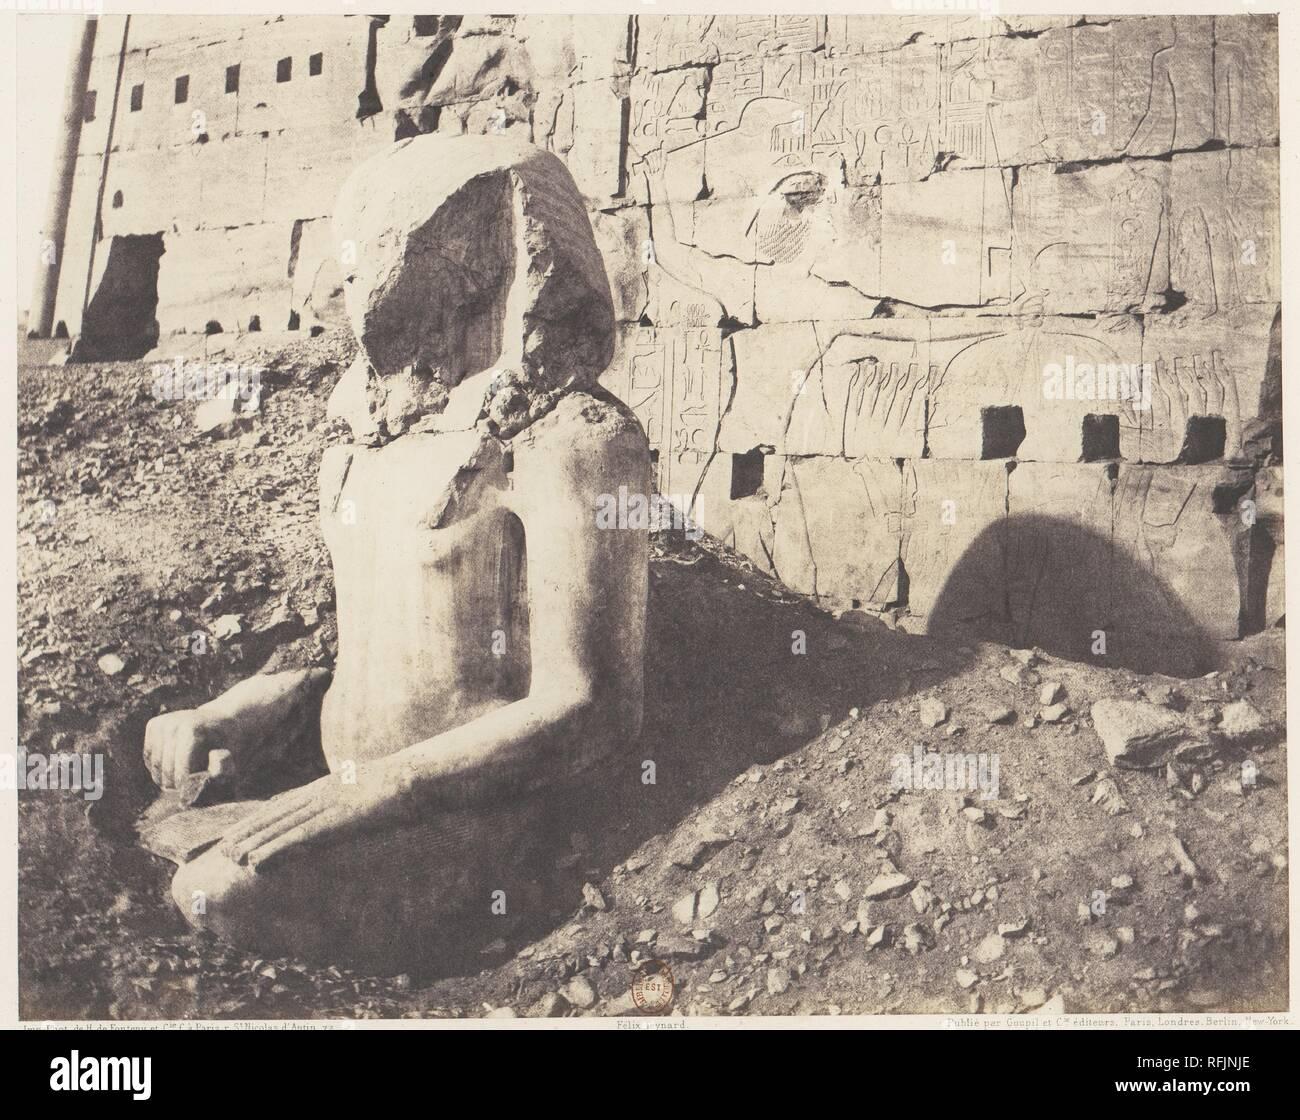 Karnak (Thèbes), Troisième Pylône - Colosse de Spath Calcaire, en D. Artist: Félix Teynard (French, 1817-1892). Dimensions: 24.0 x 30.3 cm. (9  7/16  x 11  15/16  in.). Printer: Imprimerie Photographique de H. de Fonteny et Cie. Date: 1851-52, printed 1853-54. Museum: Metropolitan Museum of Art, New York, USA. - Stock Image